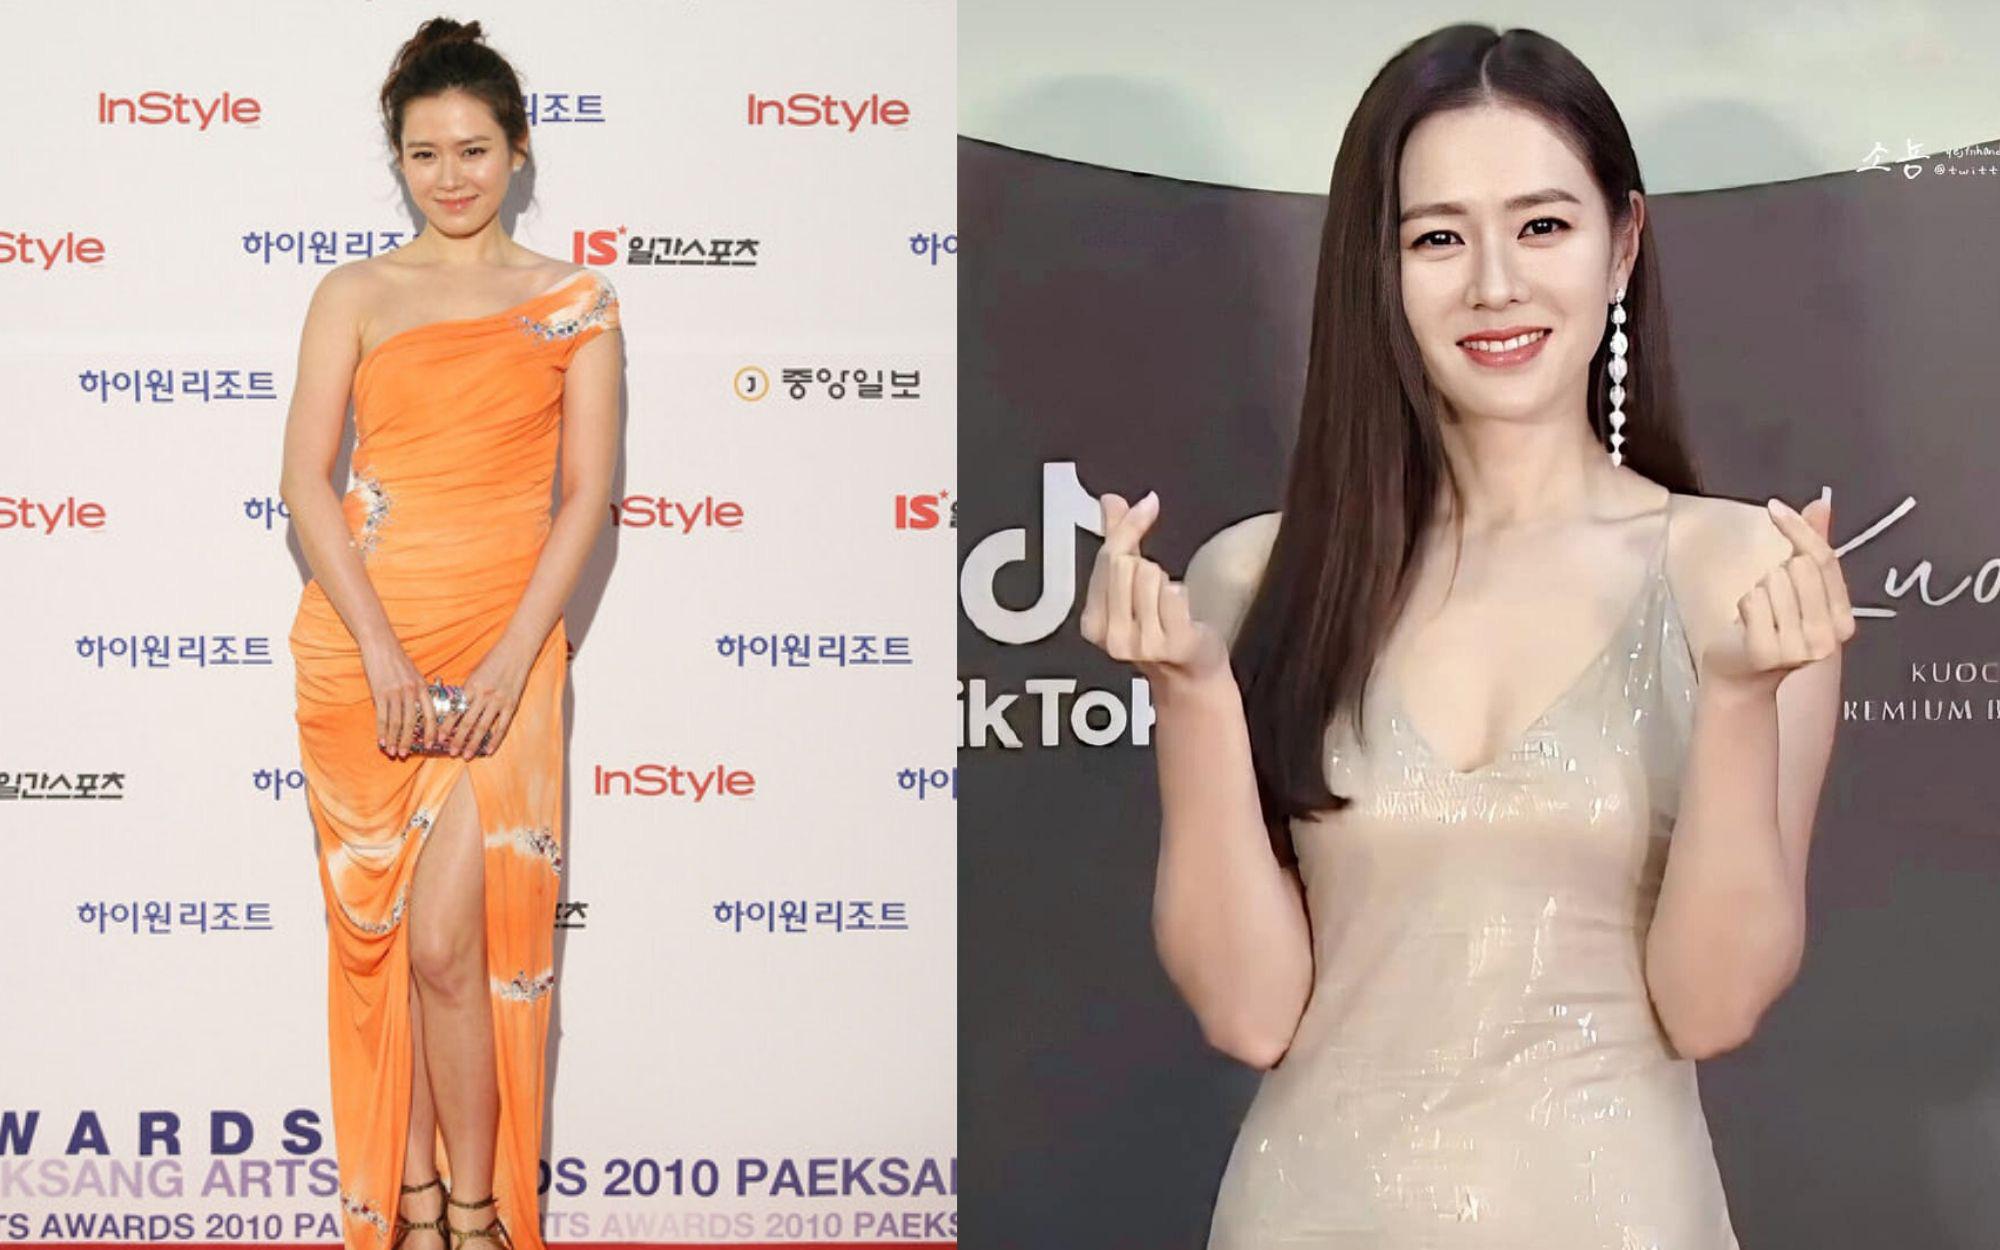 """Style của Son Ye Jin trên thảm đỏ Baeksang qua các năm: Ngày càng """"nhạt màu"""" nhưng độ sang trọng thì tăng theo cấp số nhân"""